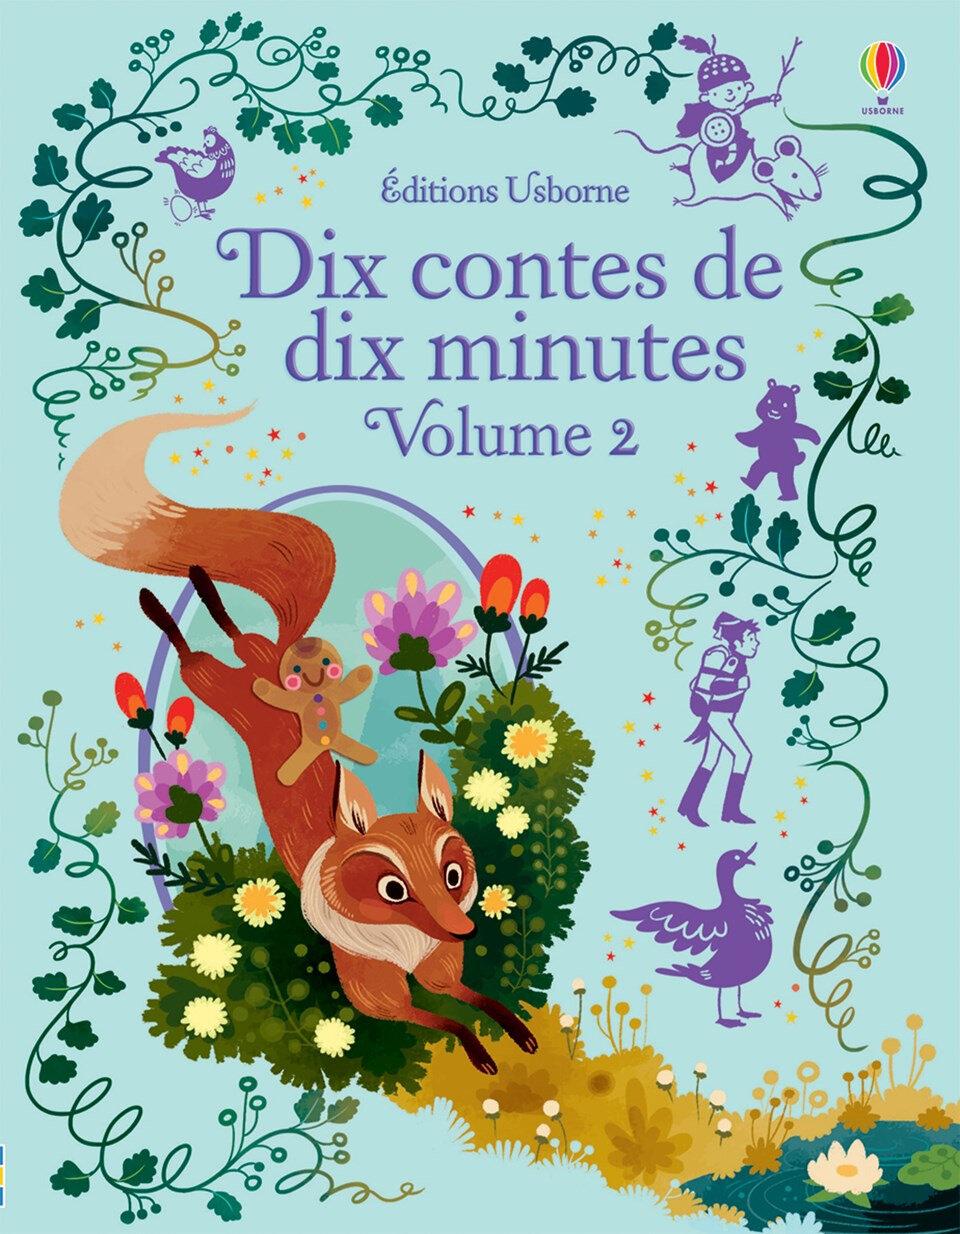 Dix contes de dix minutes Volume 2